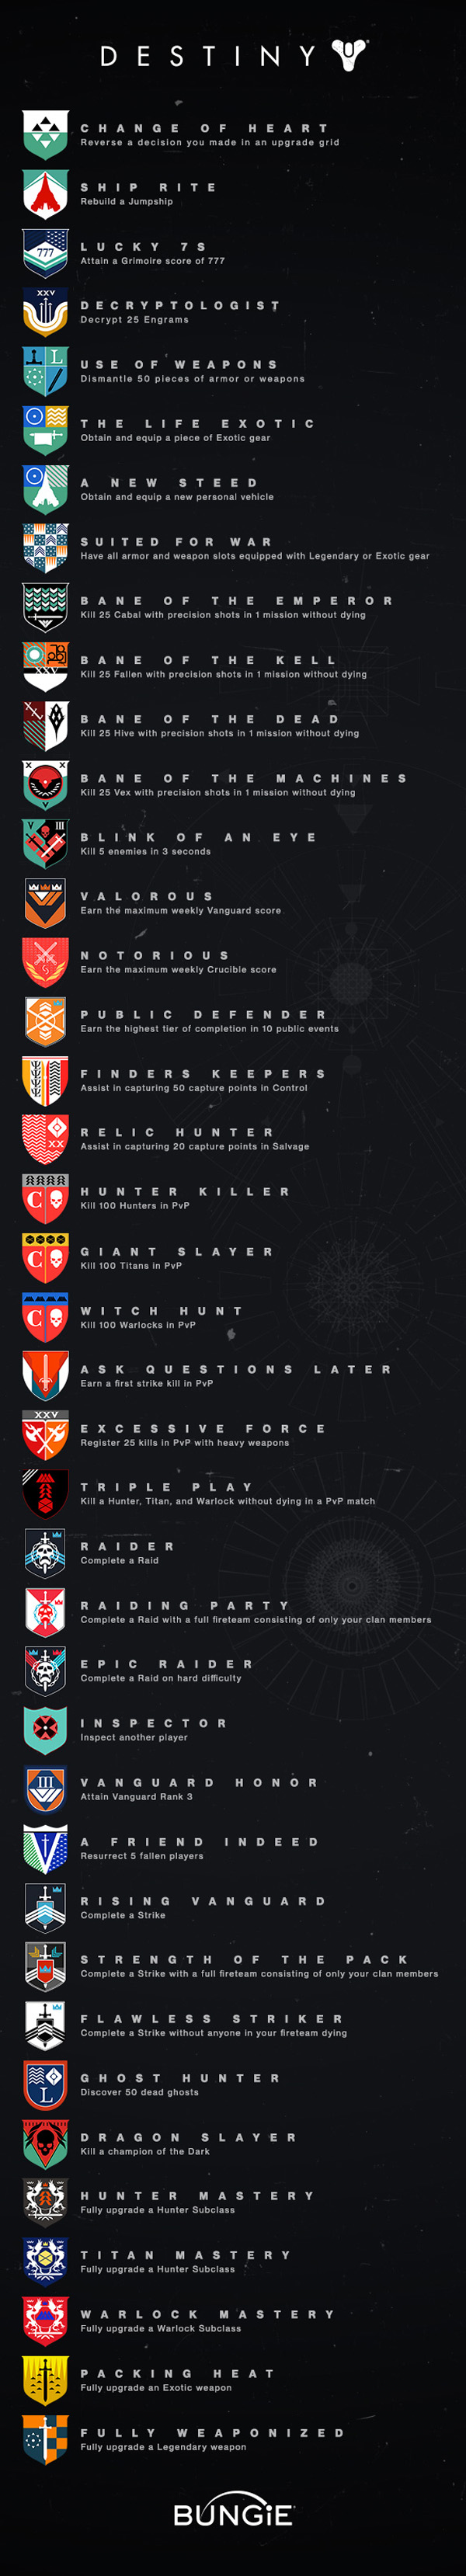 destiny-trophies